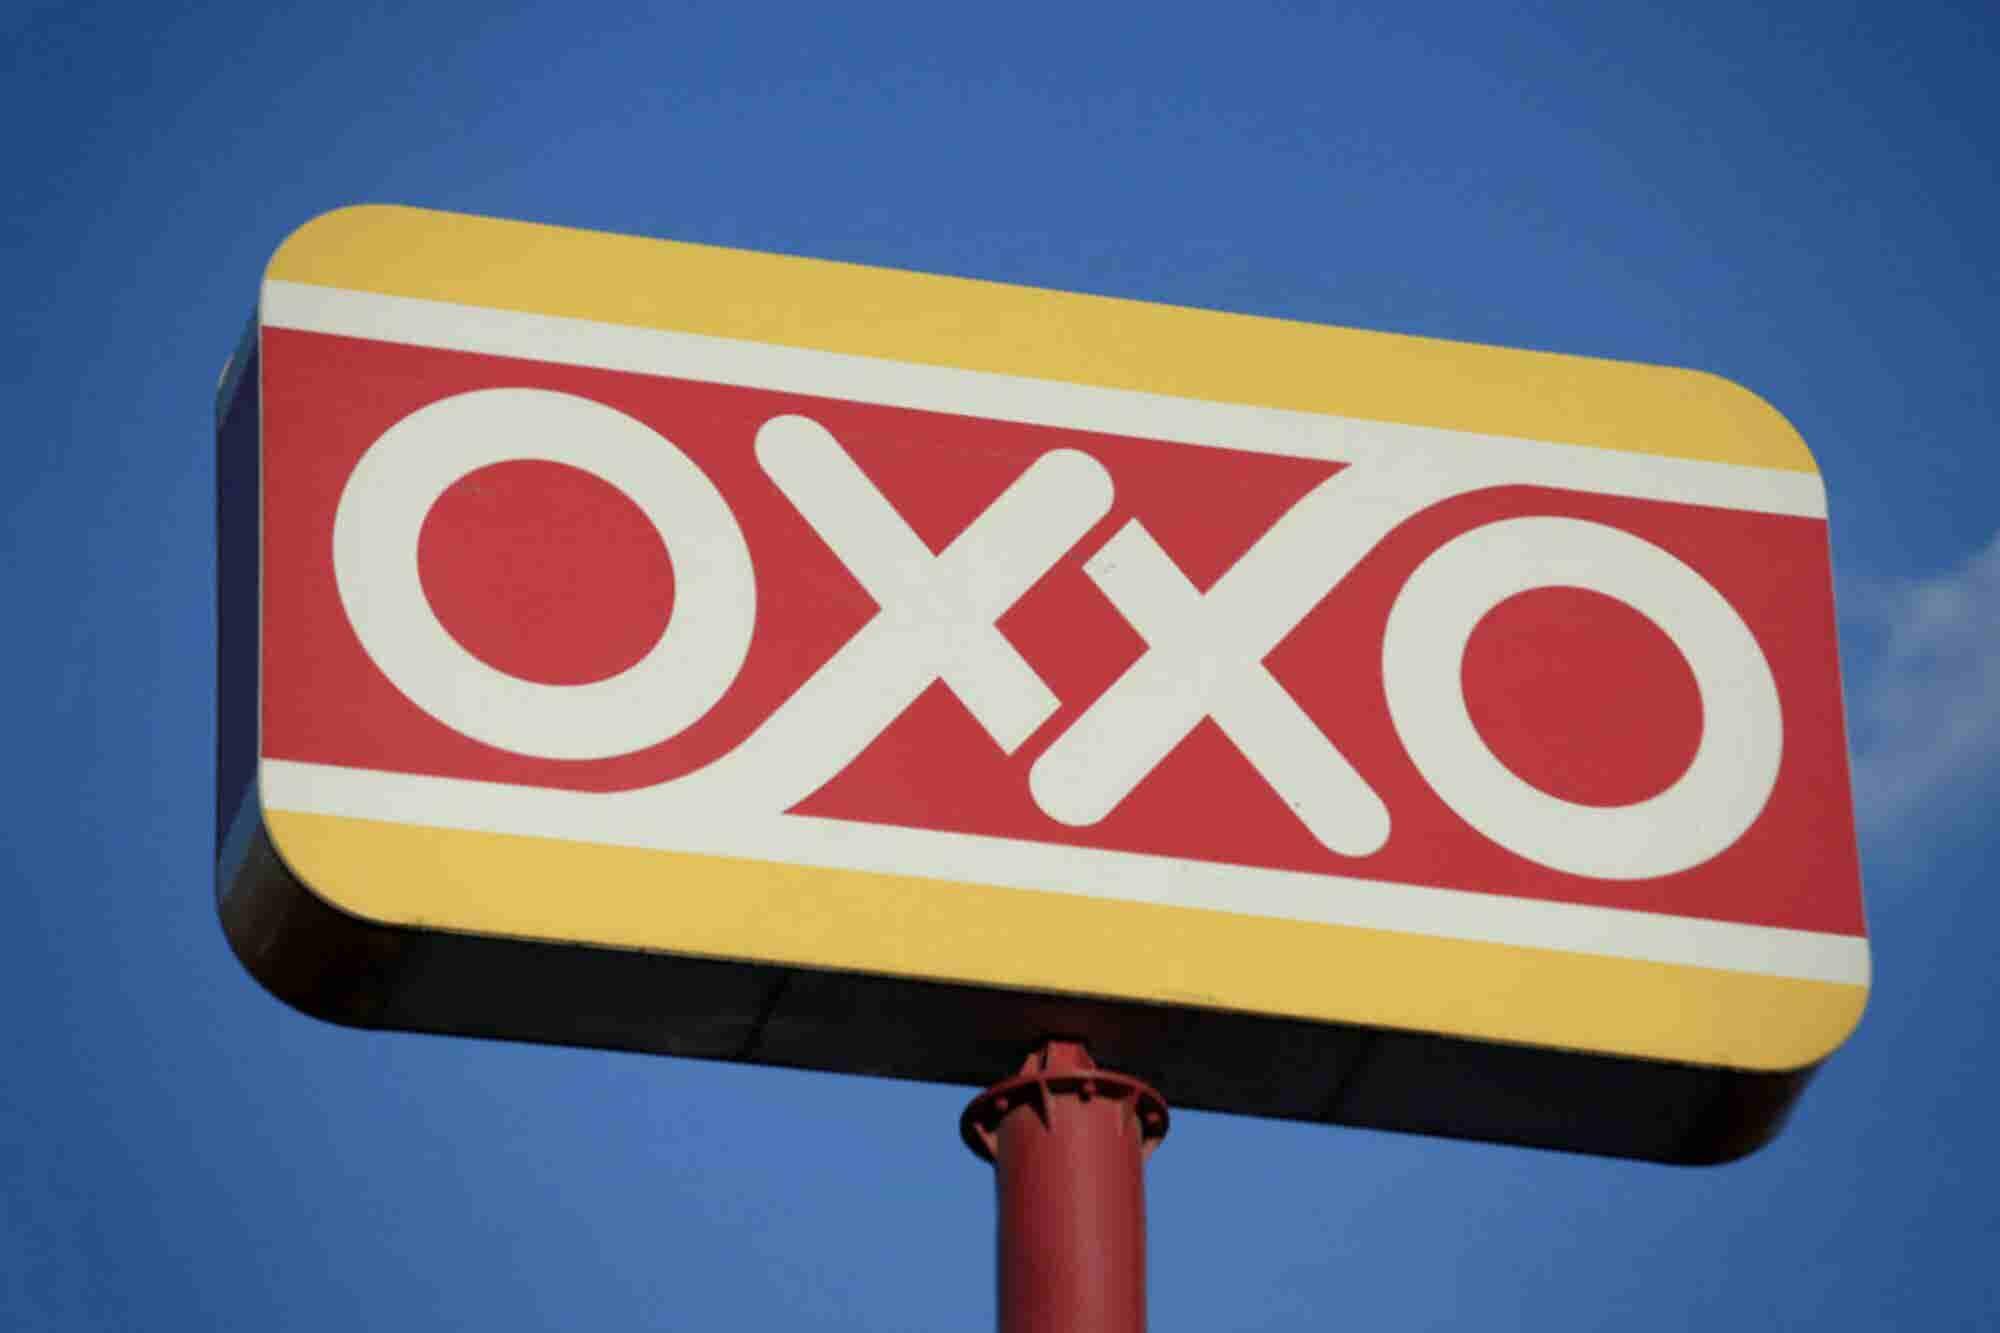 Las tiendas Oxxo por fin venderán Cerveza Corona